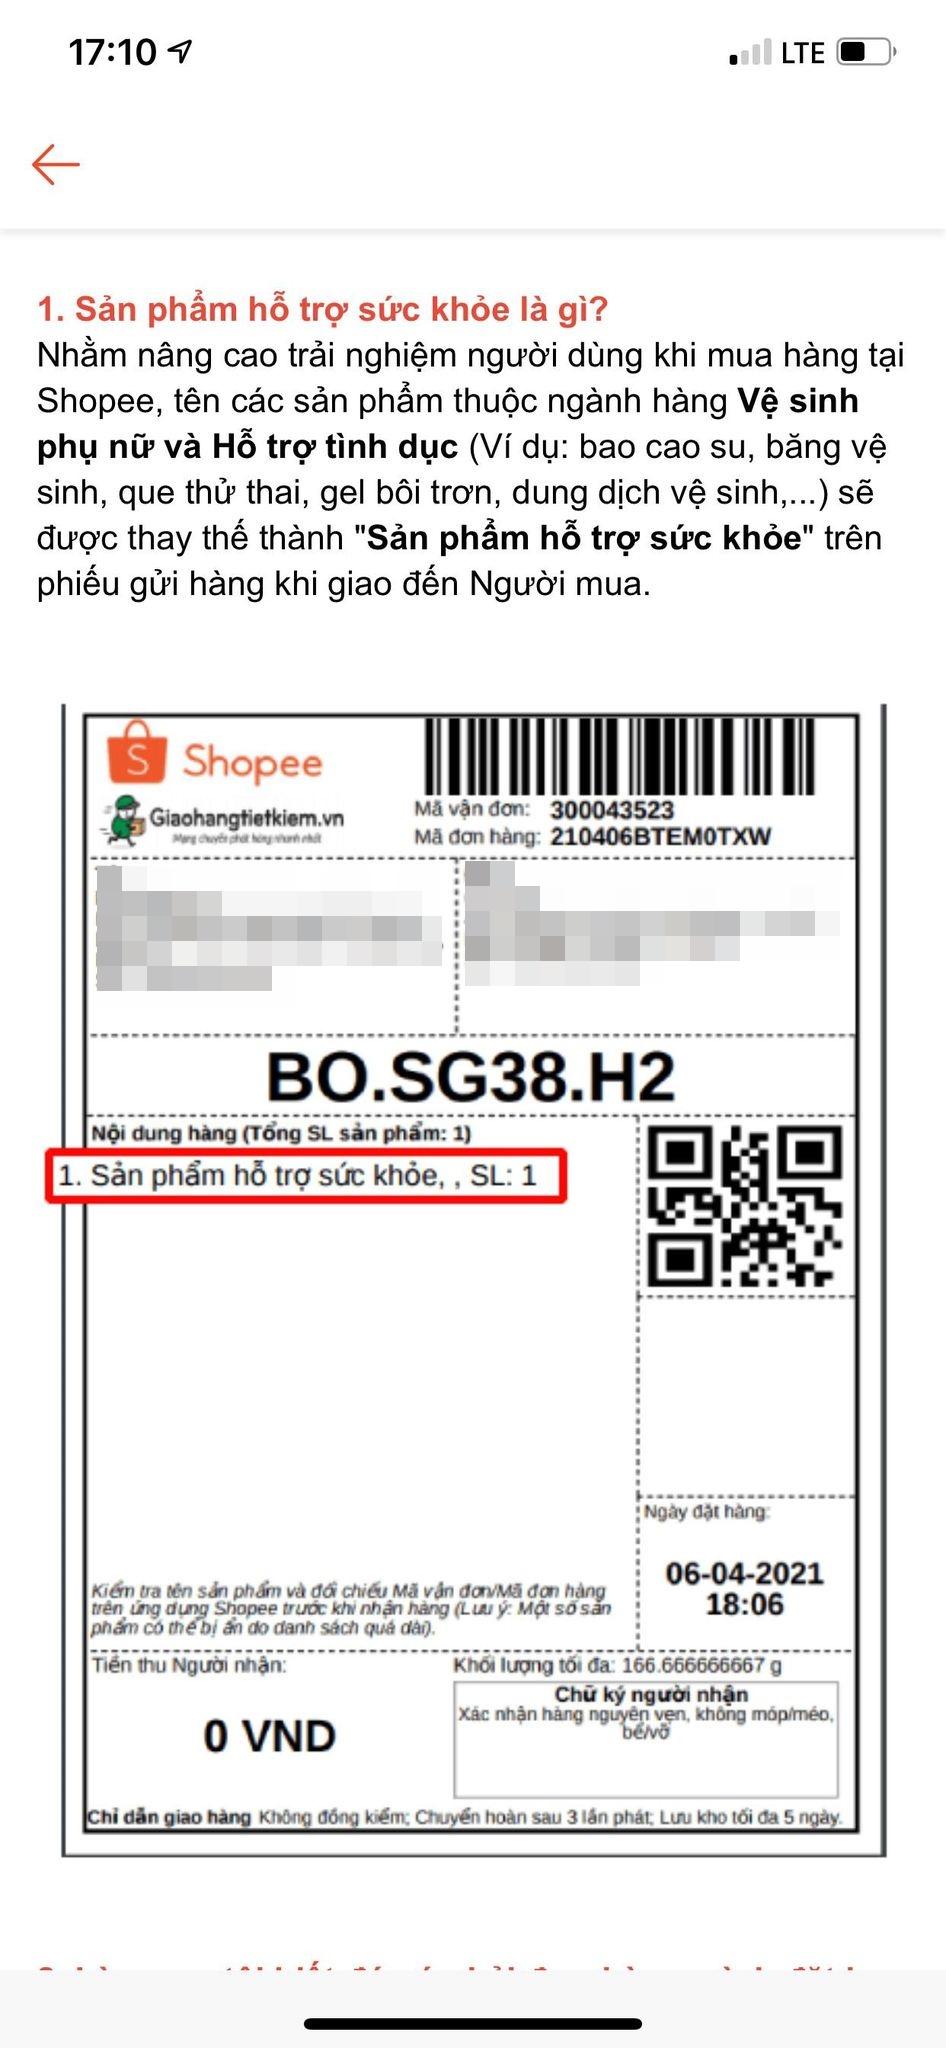 """Shopee nâng cao trải nghiệm bằng cách đổi tên một số sản phẩm """"thầm kín"""" trên phiếu gửi hàng, từ chủ shop bán hàng tới người mua đều đồng tình nhưng vẫn """"sợ nhất"""" điều này - Ảnh 1."""